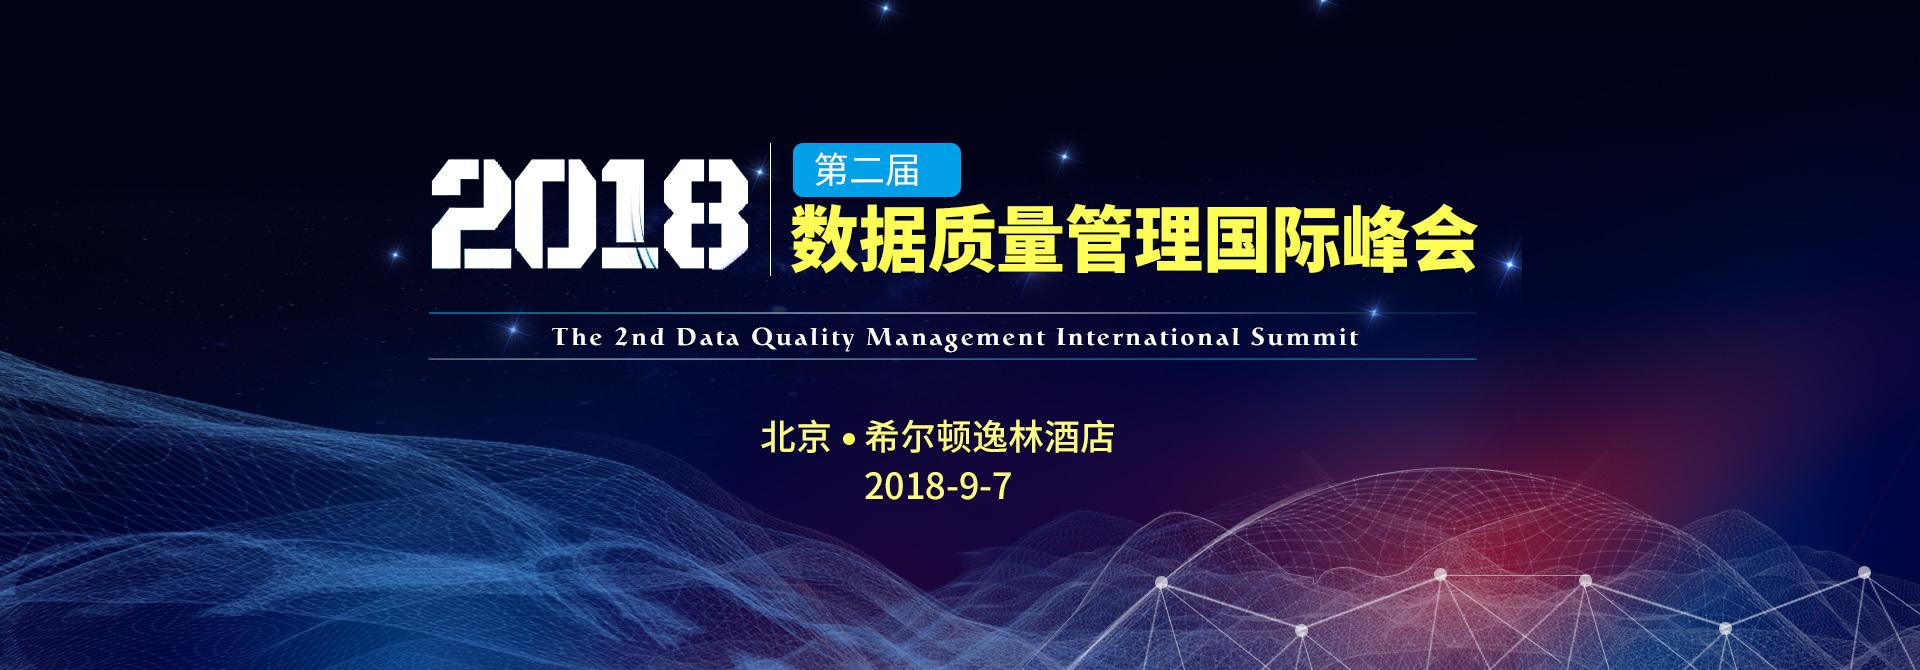 2018第二届数据质量管理国际峰会(DQMIS2018)